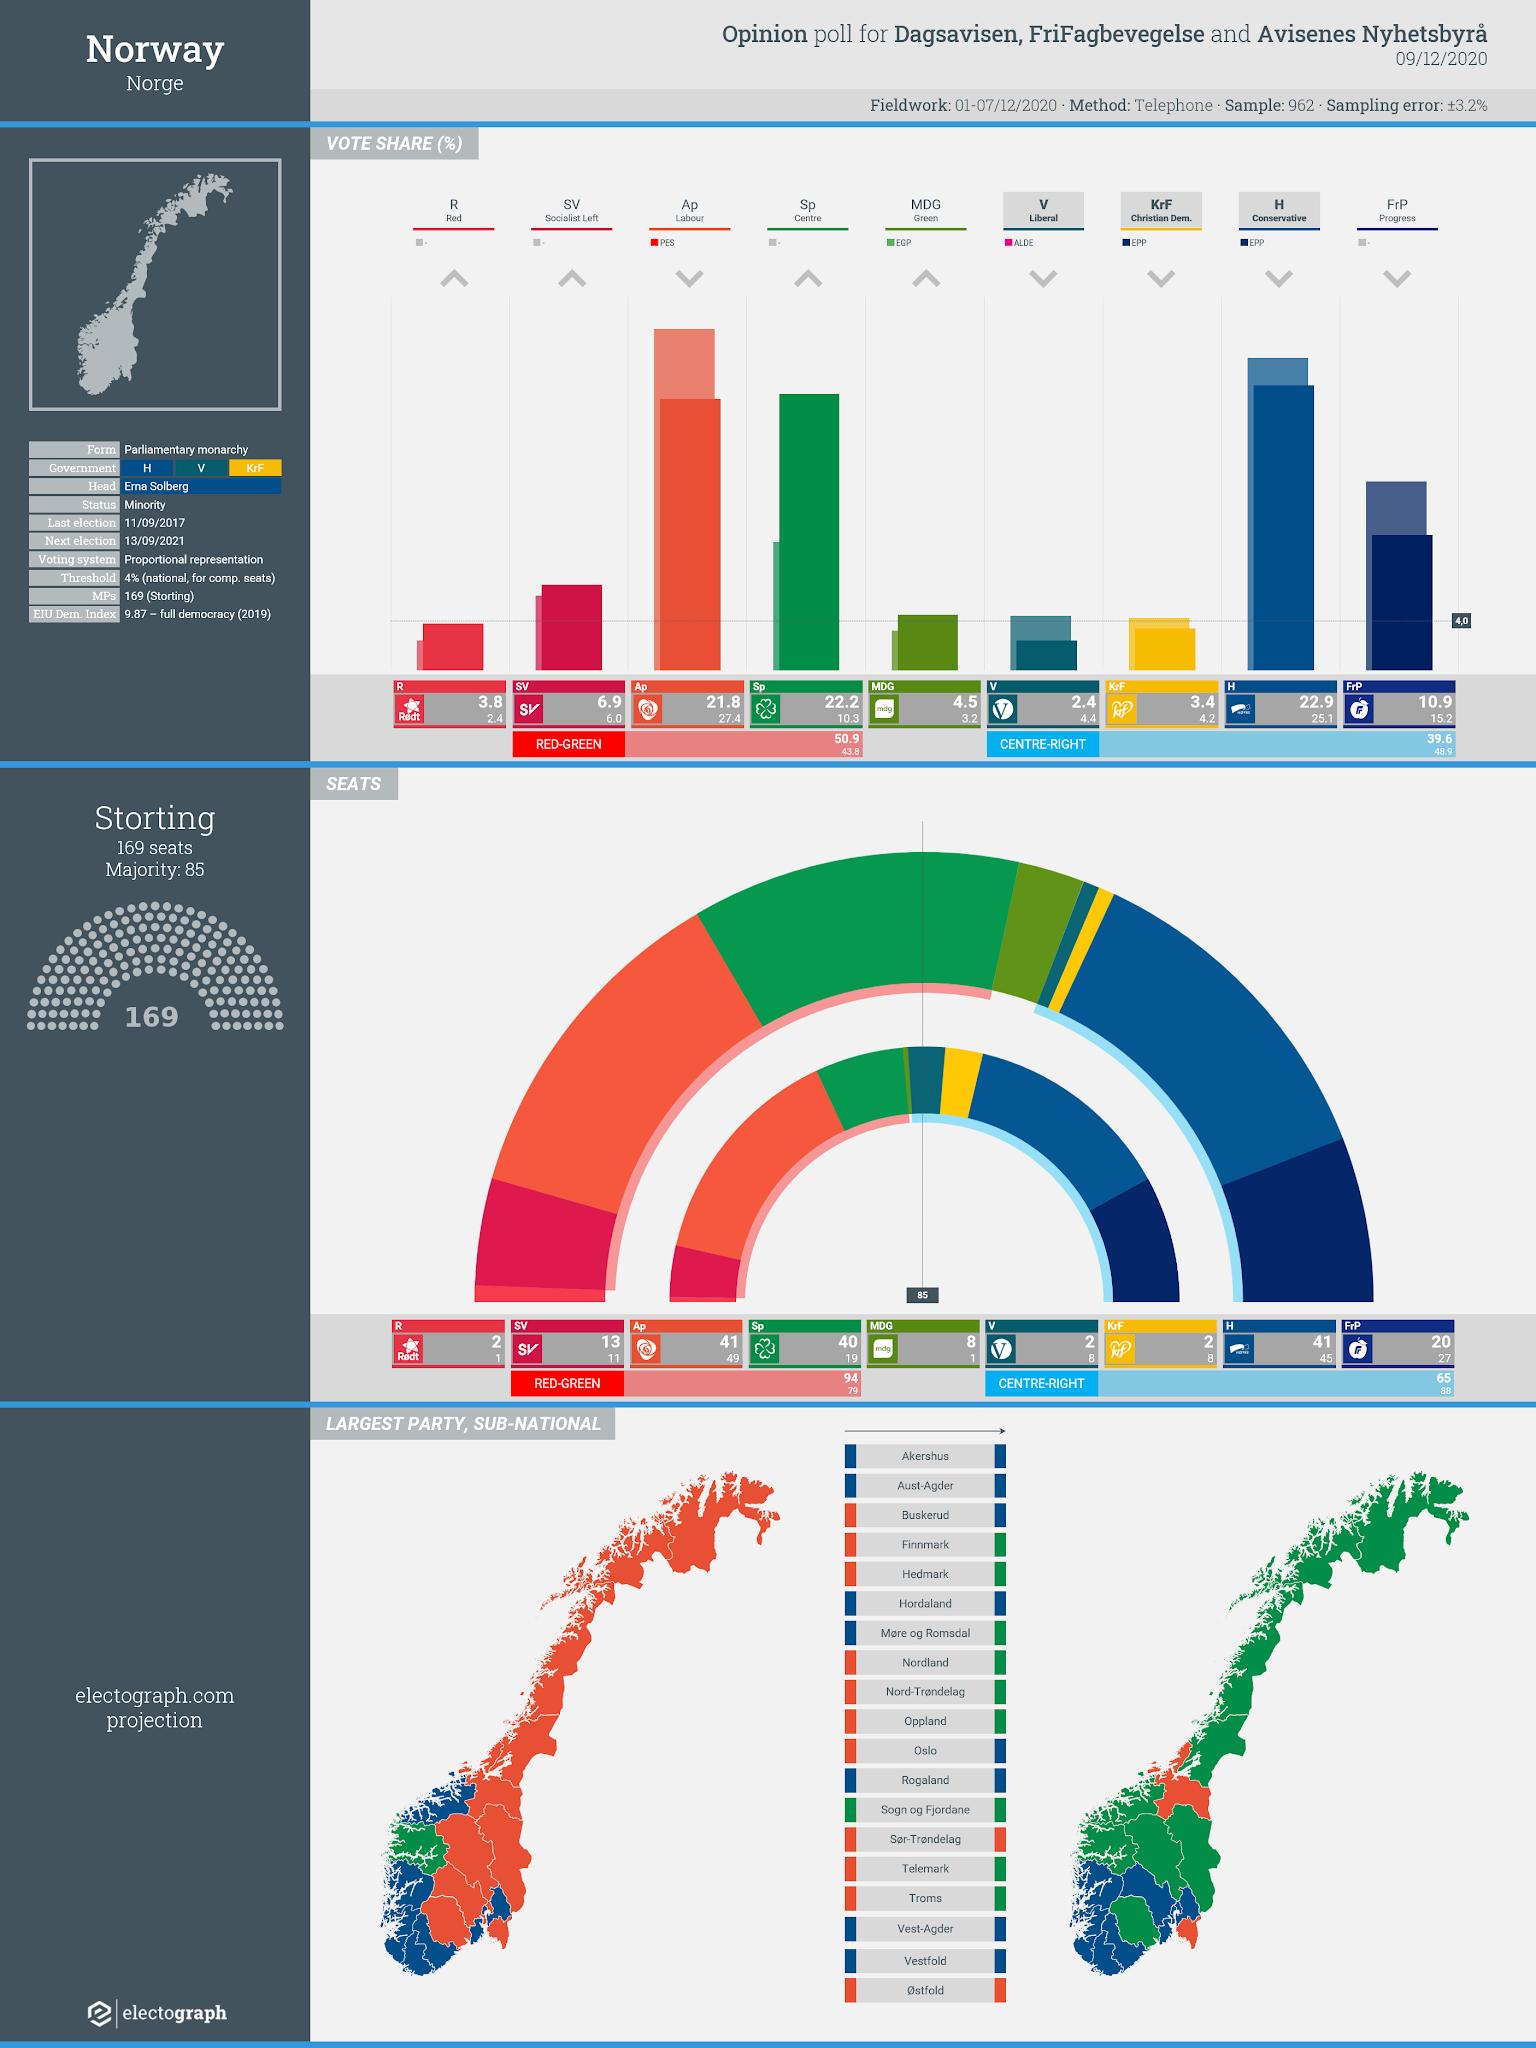 NORWAY: Opinion poll chart for FriFagbevegelse, Dagsavisen and Avisenes Nyhetsbyrå, 9 December 2020